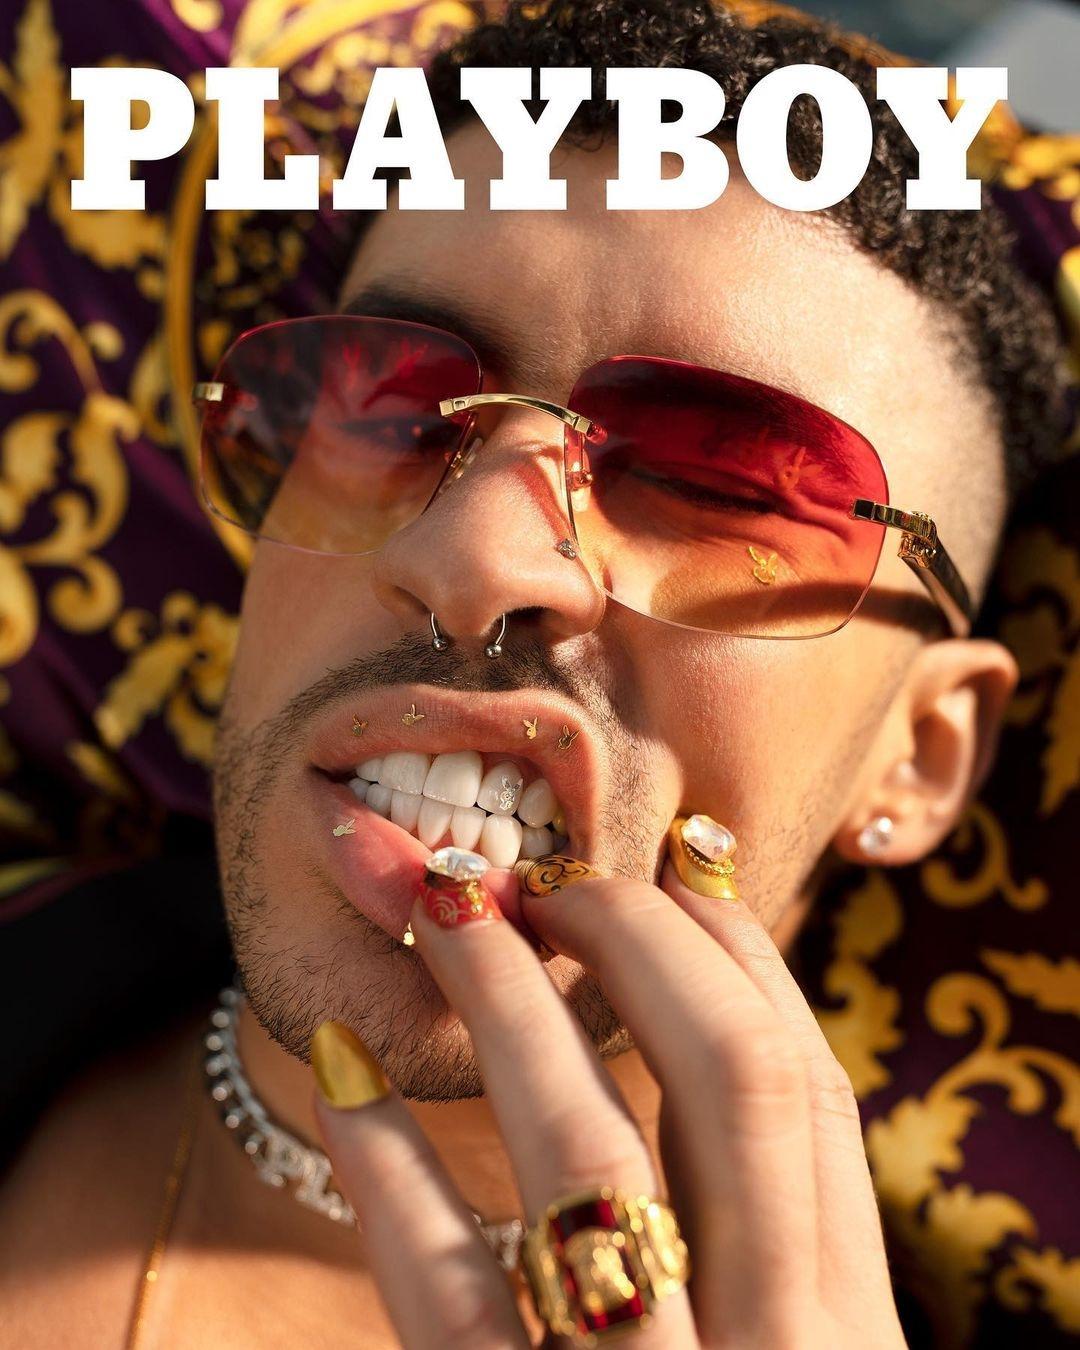 В образах зайчиков: в новой фотосессии Playboy снялись два парня (ФОТО) - фото №5